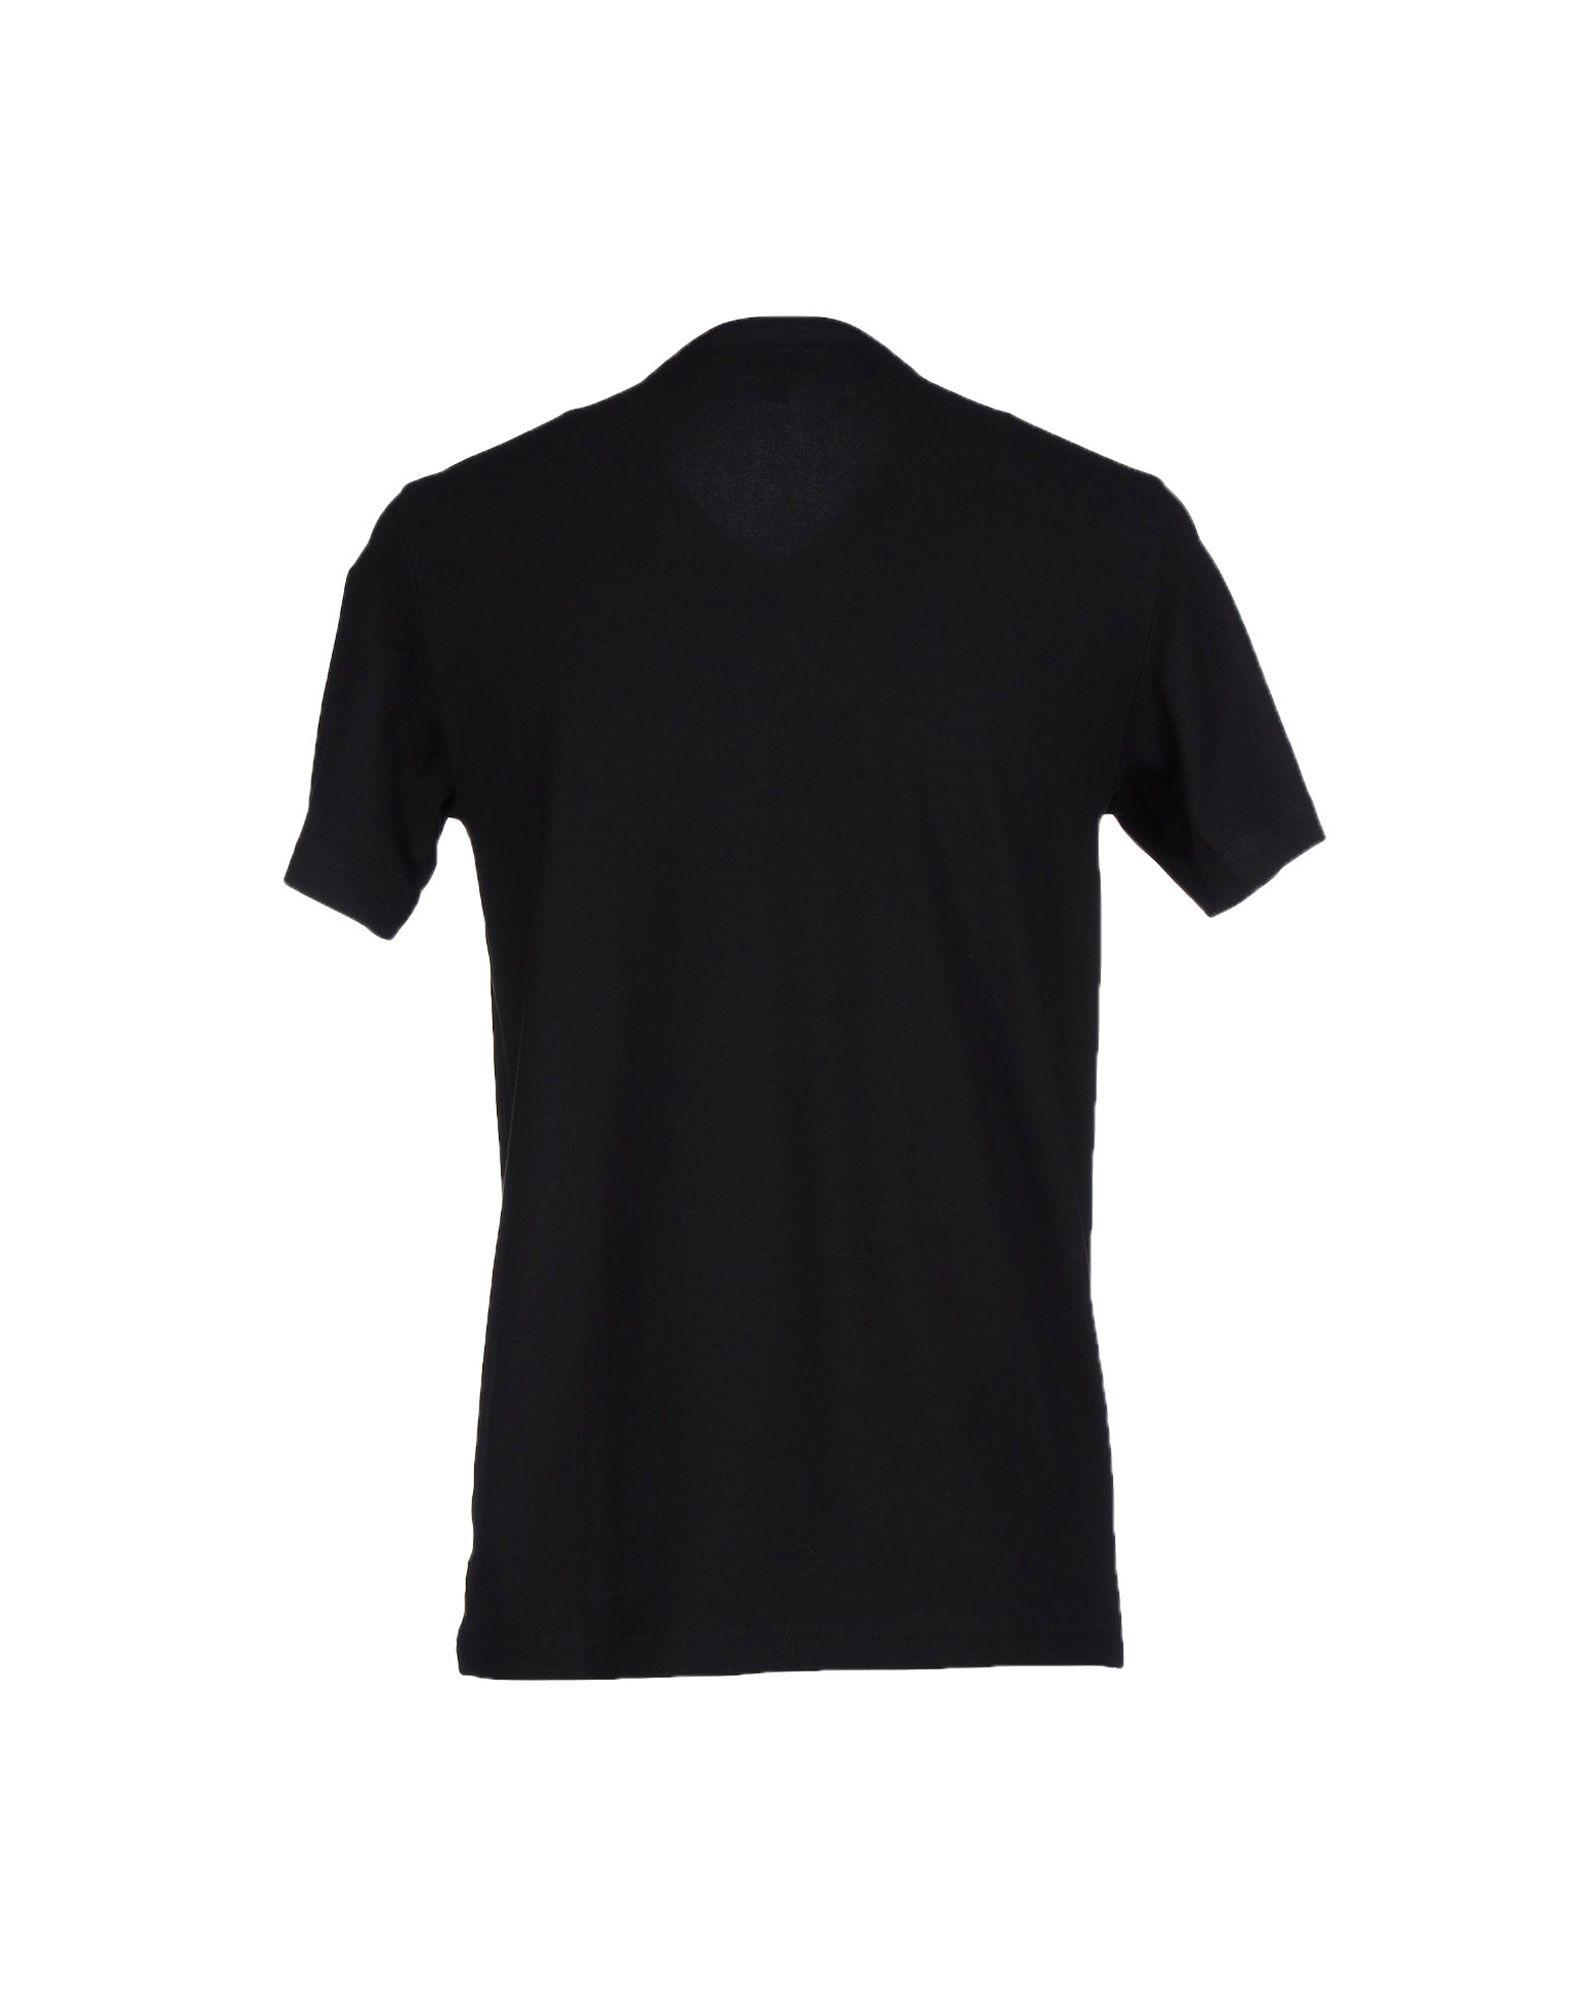 armani jeans black t shirt for men lyst. Black Bedroom Furniture Sets. Home Design Ideas